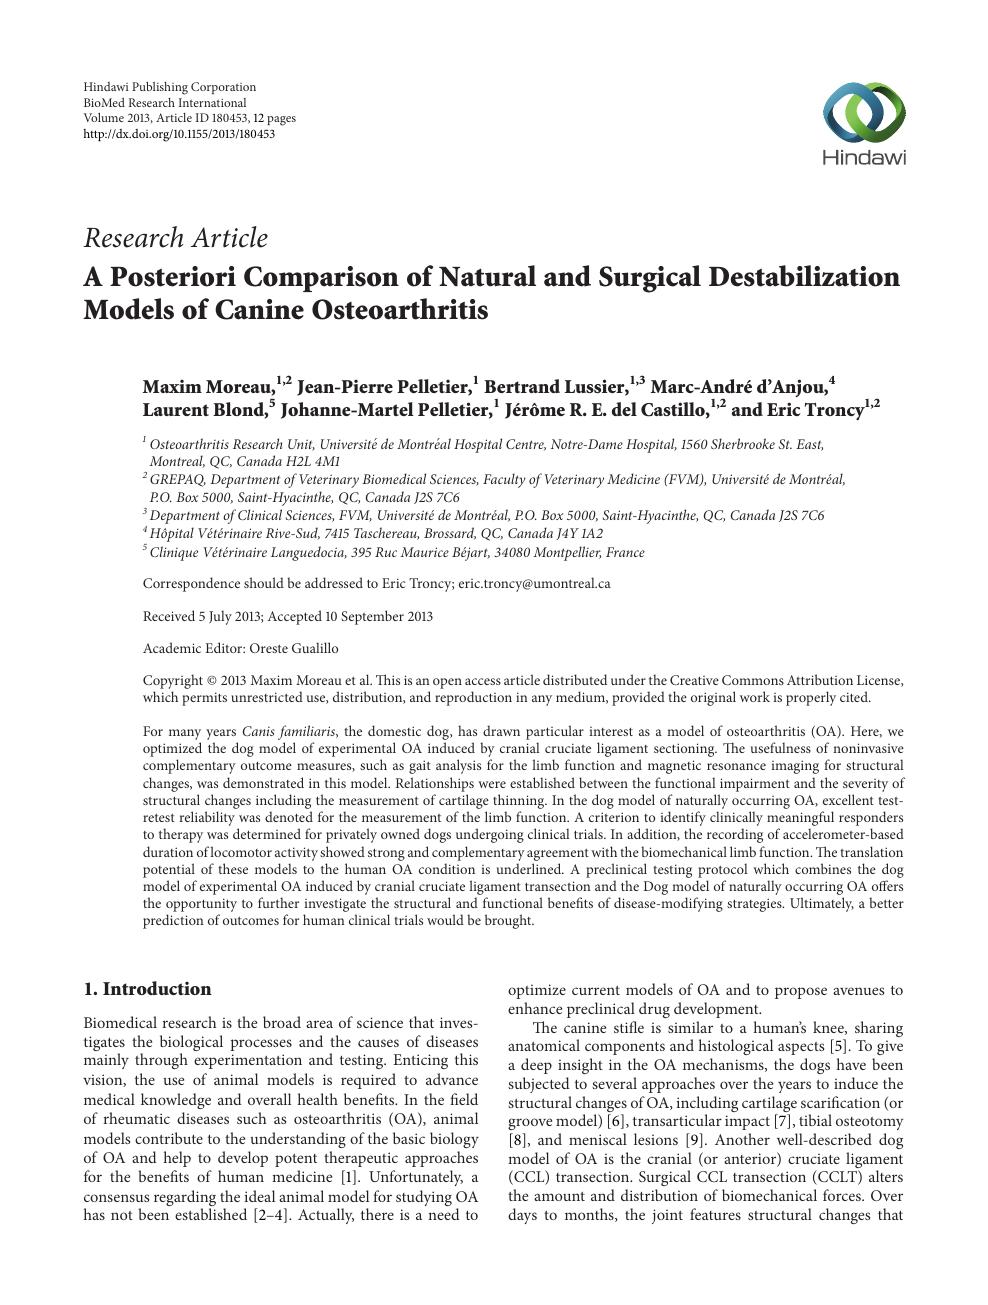 A Posteriori Comparison of Natural and Surgical Destabilization